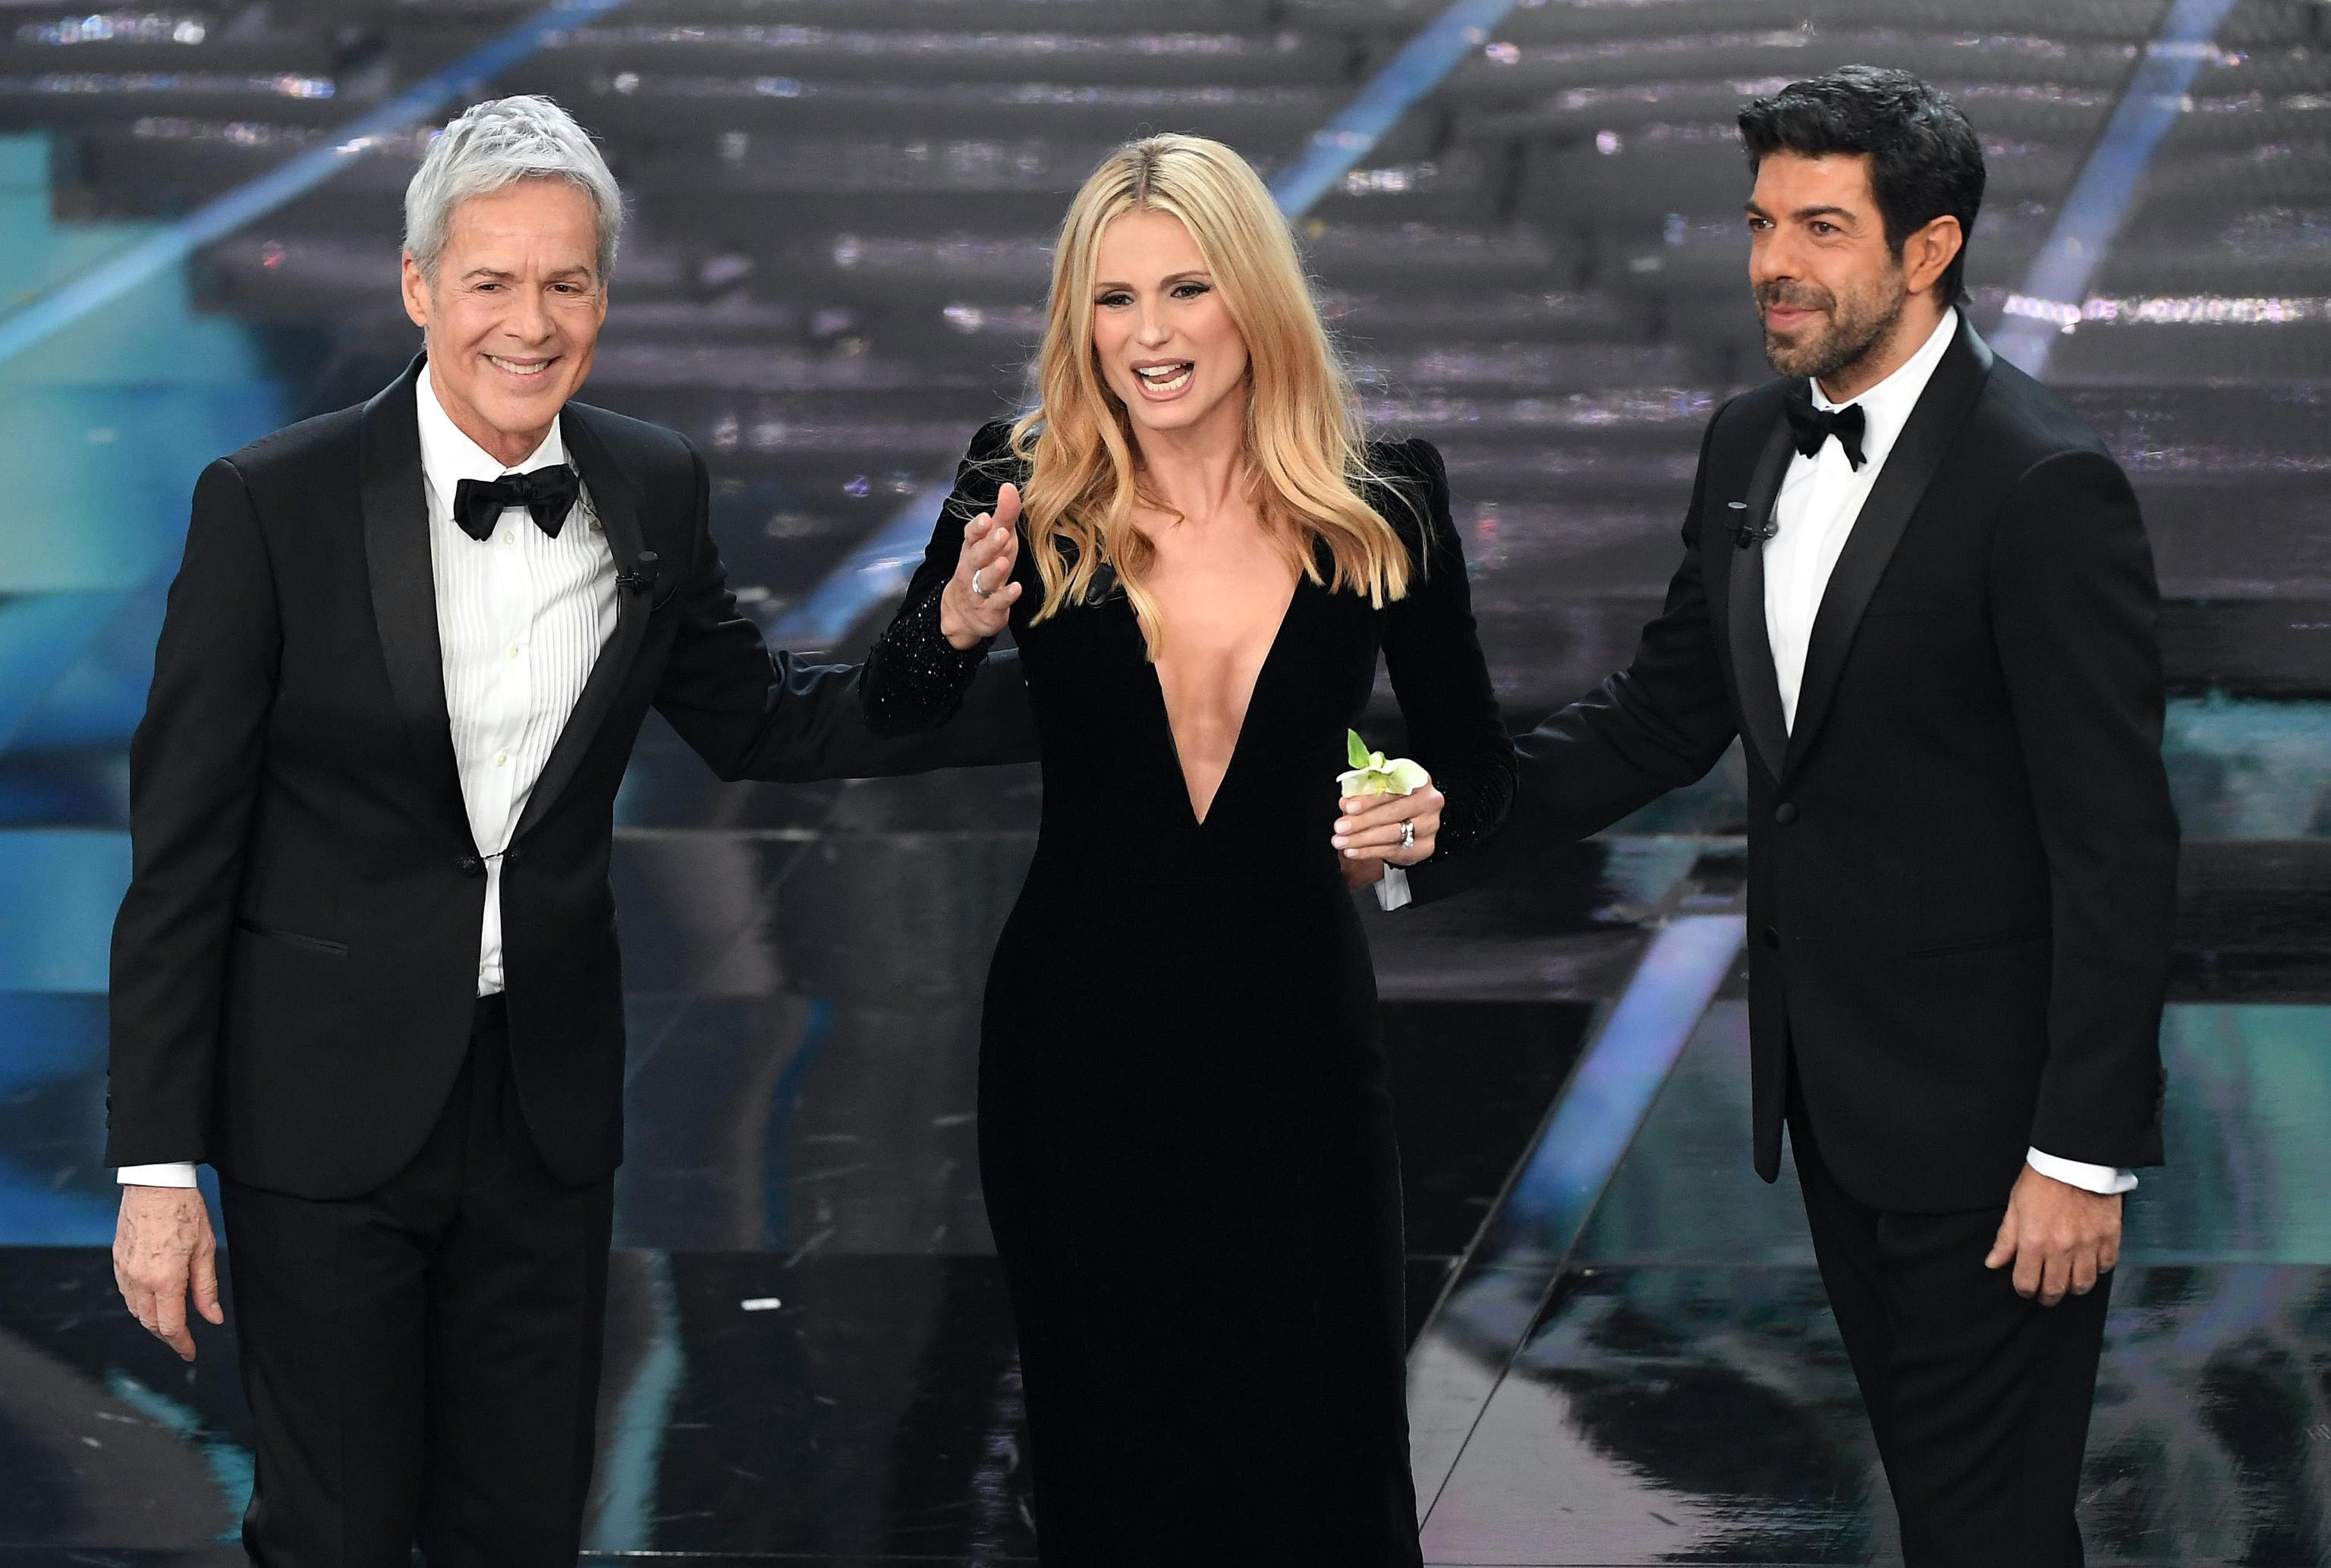 Sanremo 2018, ascolti prima serata: 11 milioni 630 mila telespettatori, 52.1% di share